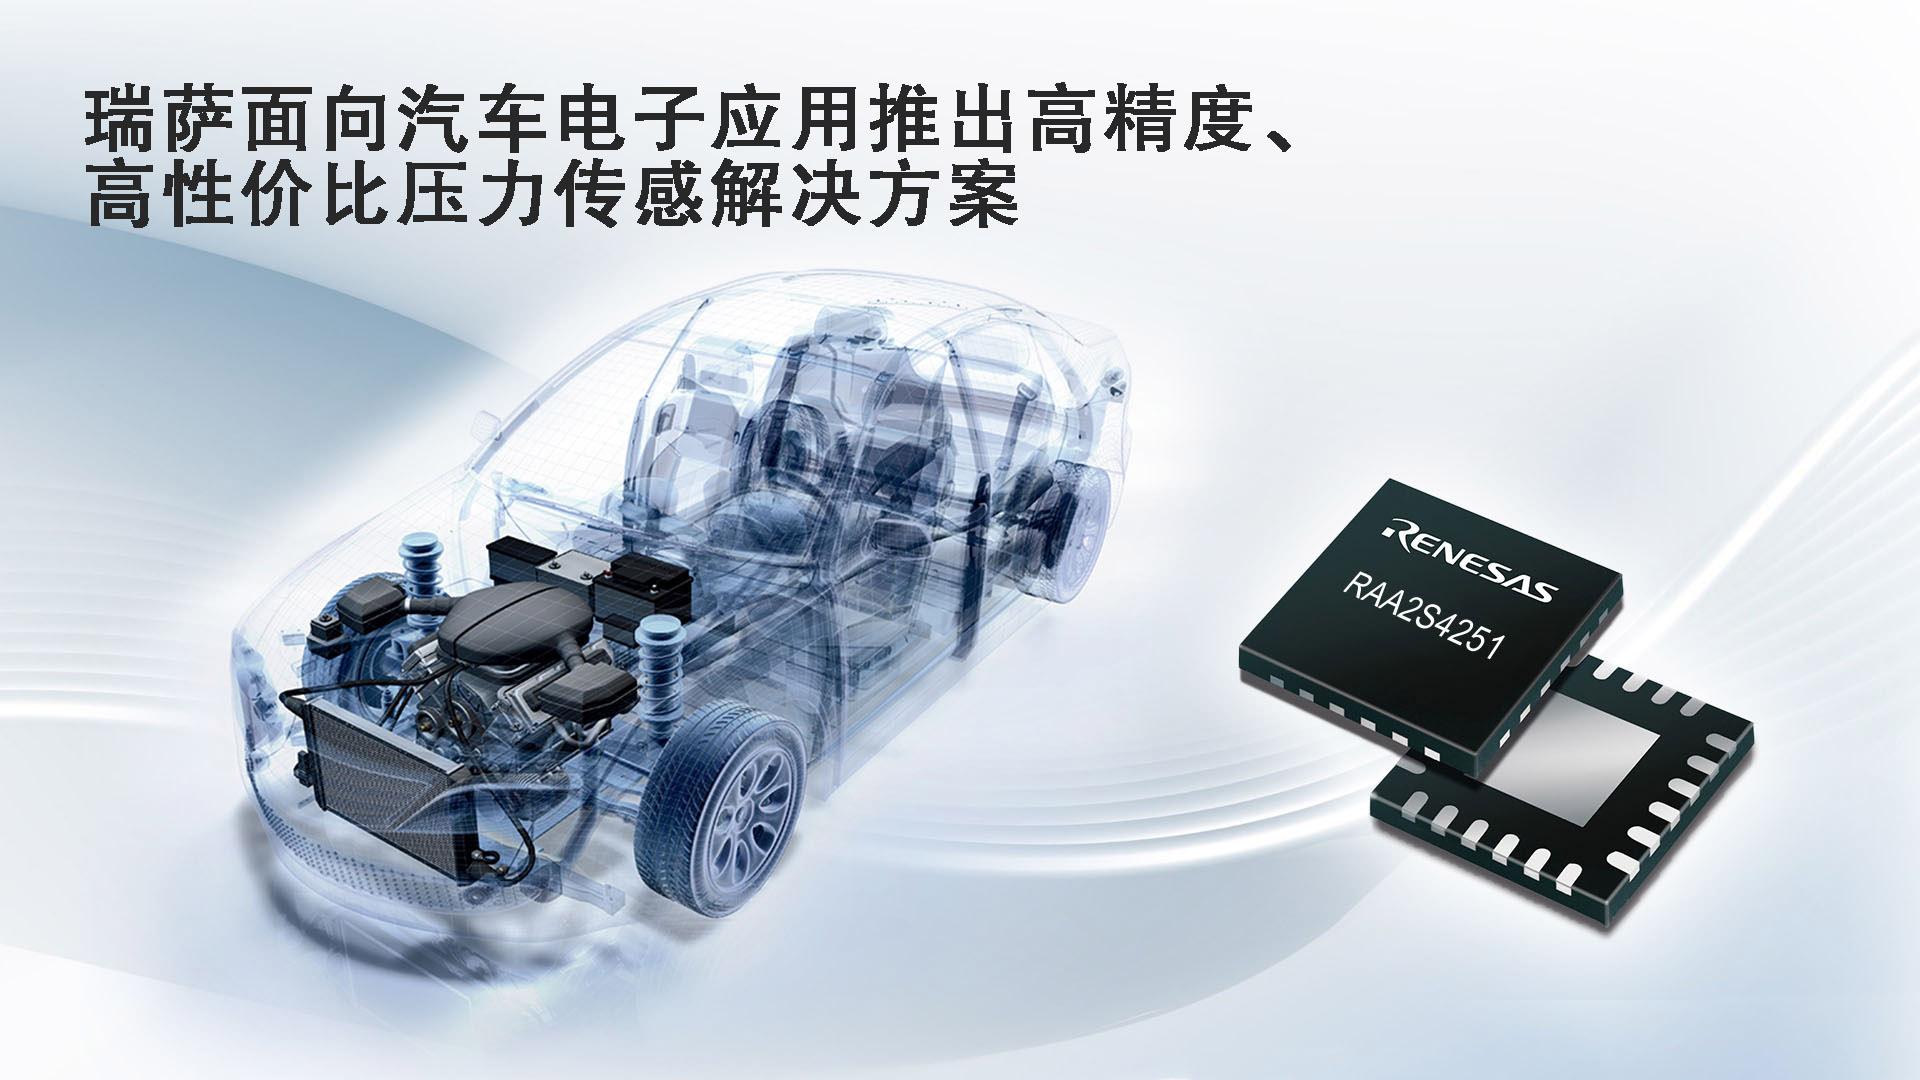 瑞萨电子面向汽车电子应用推出高精度、高性价比压力传感解决方案